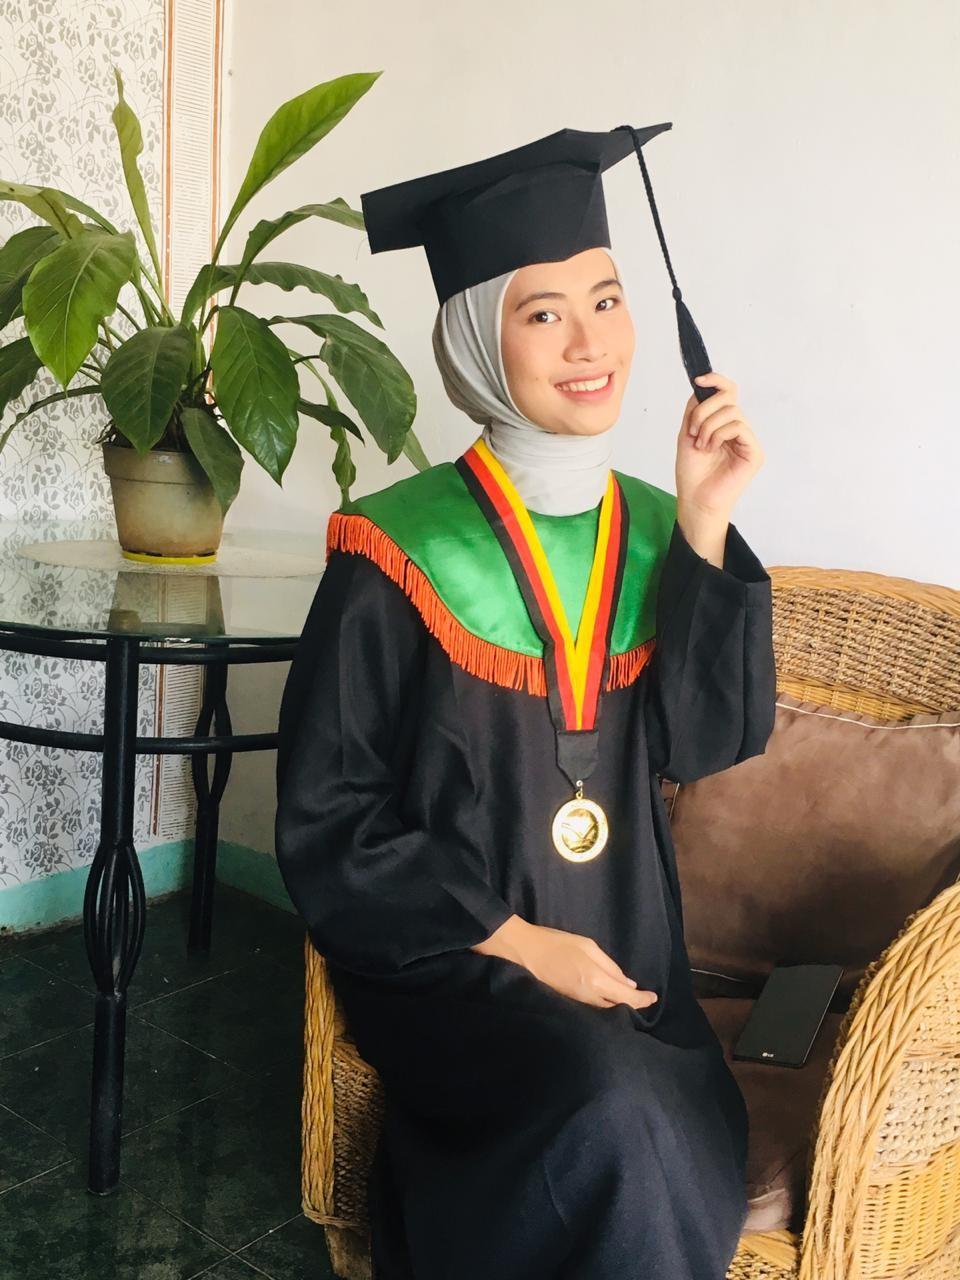 Kisah Della Aliyah Wisudawan Terbaik Sarjana Prodi Pendidikan Tata Busana Berprestasi Sejak Kecil